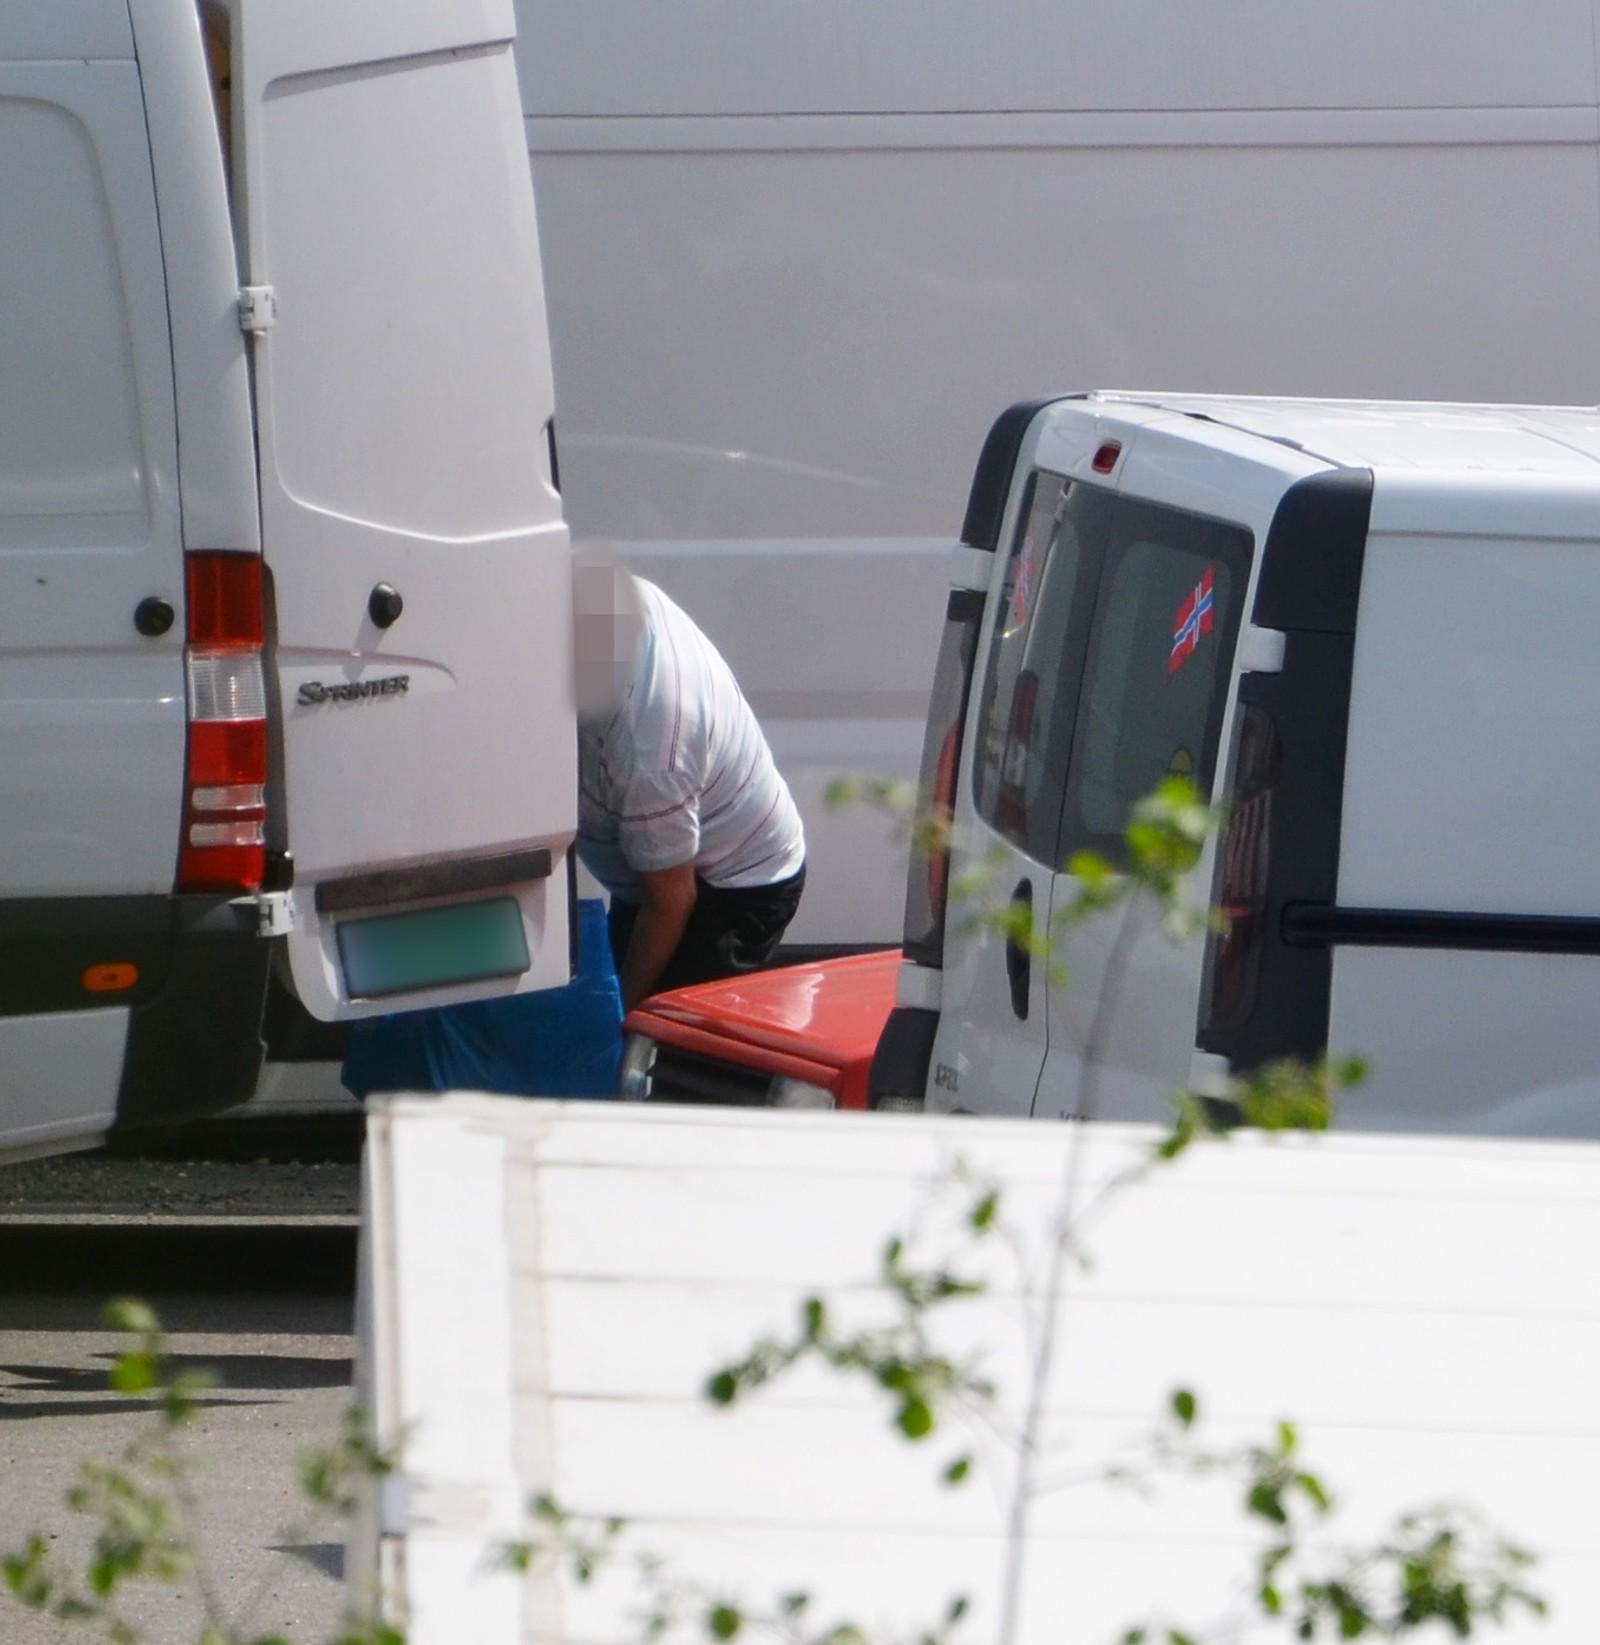 Hasjen ble kjørt fra containeren ved Lillestrøm i varebiler til andre overleveringssteder.